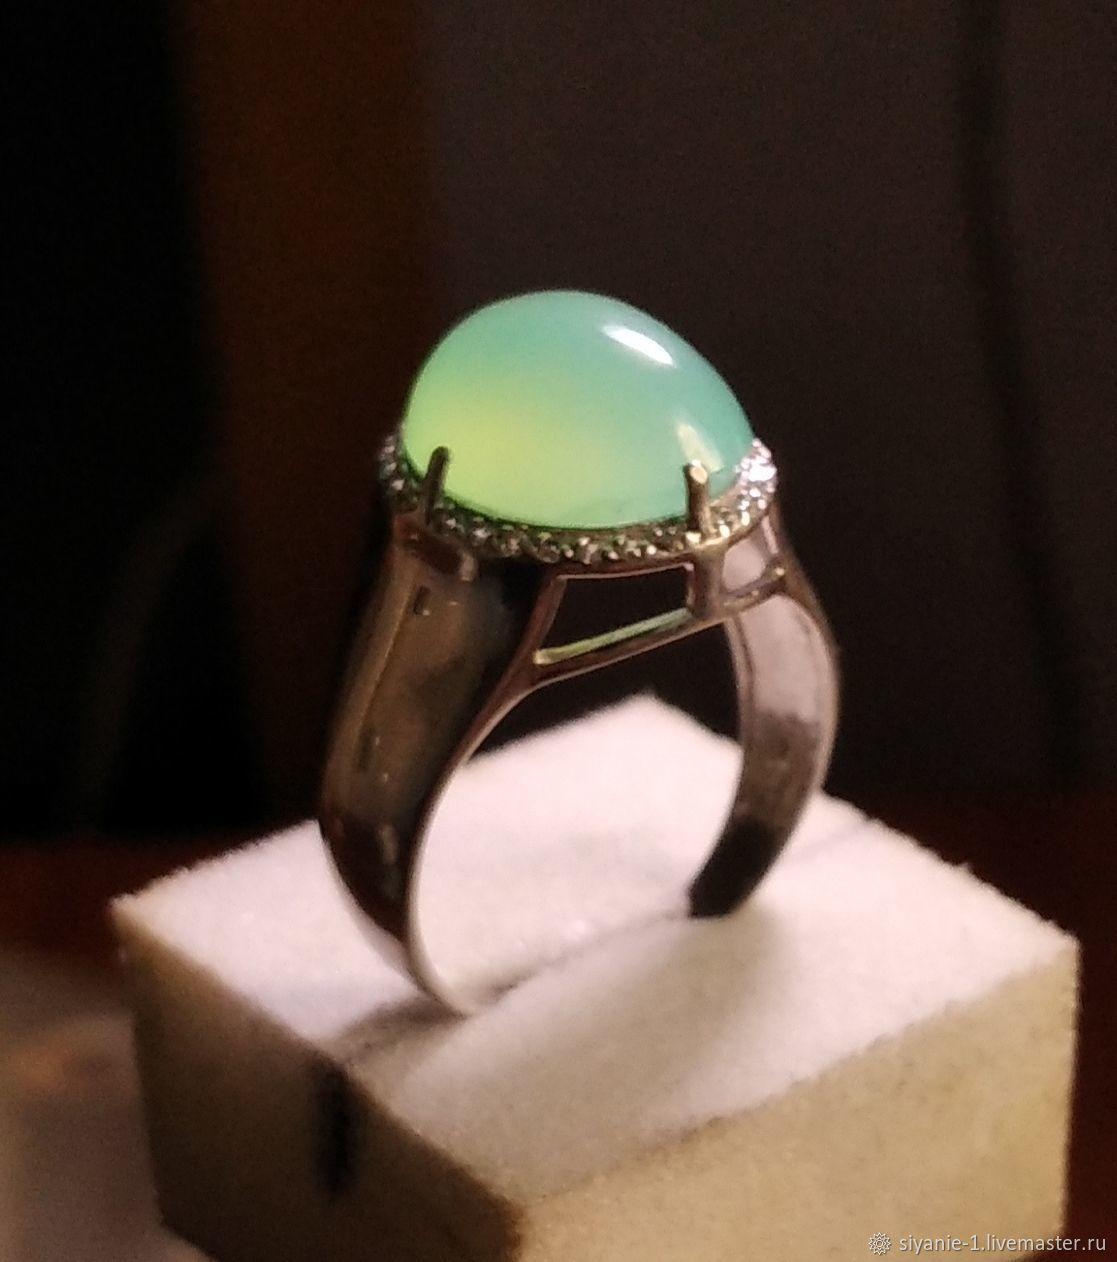 Кольцо серебряное с хризопразом натуральным, Кольца, Кострома,  Фото №1